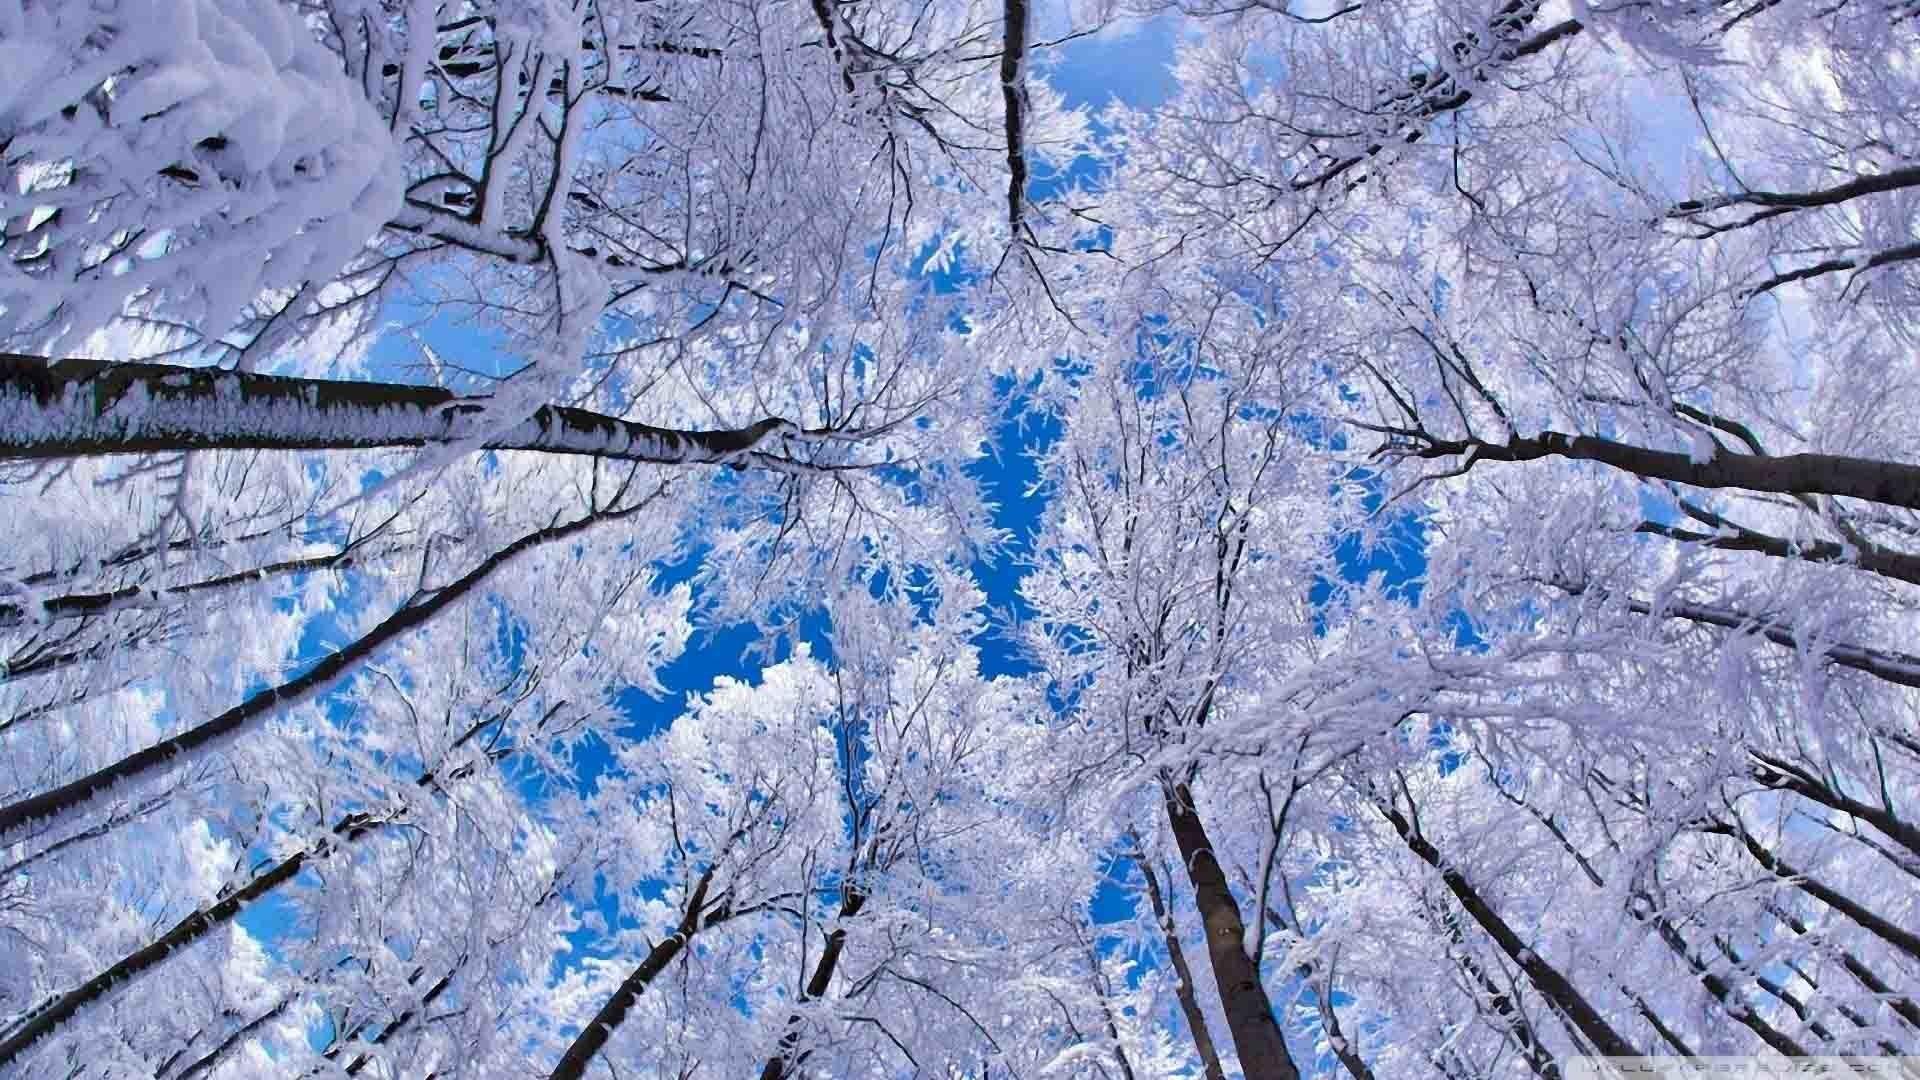 Free Desktop Wallpapers Winter Scenes Wallpaper Winter Backgrounds For Desktop  Wallpapers)